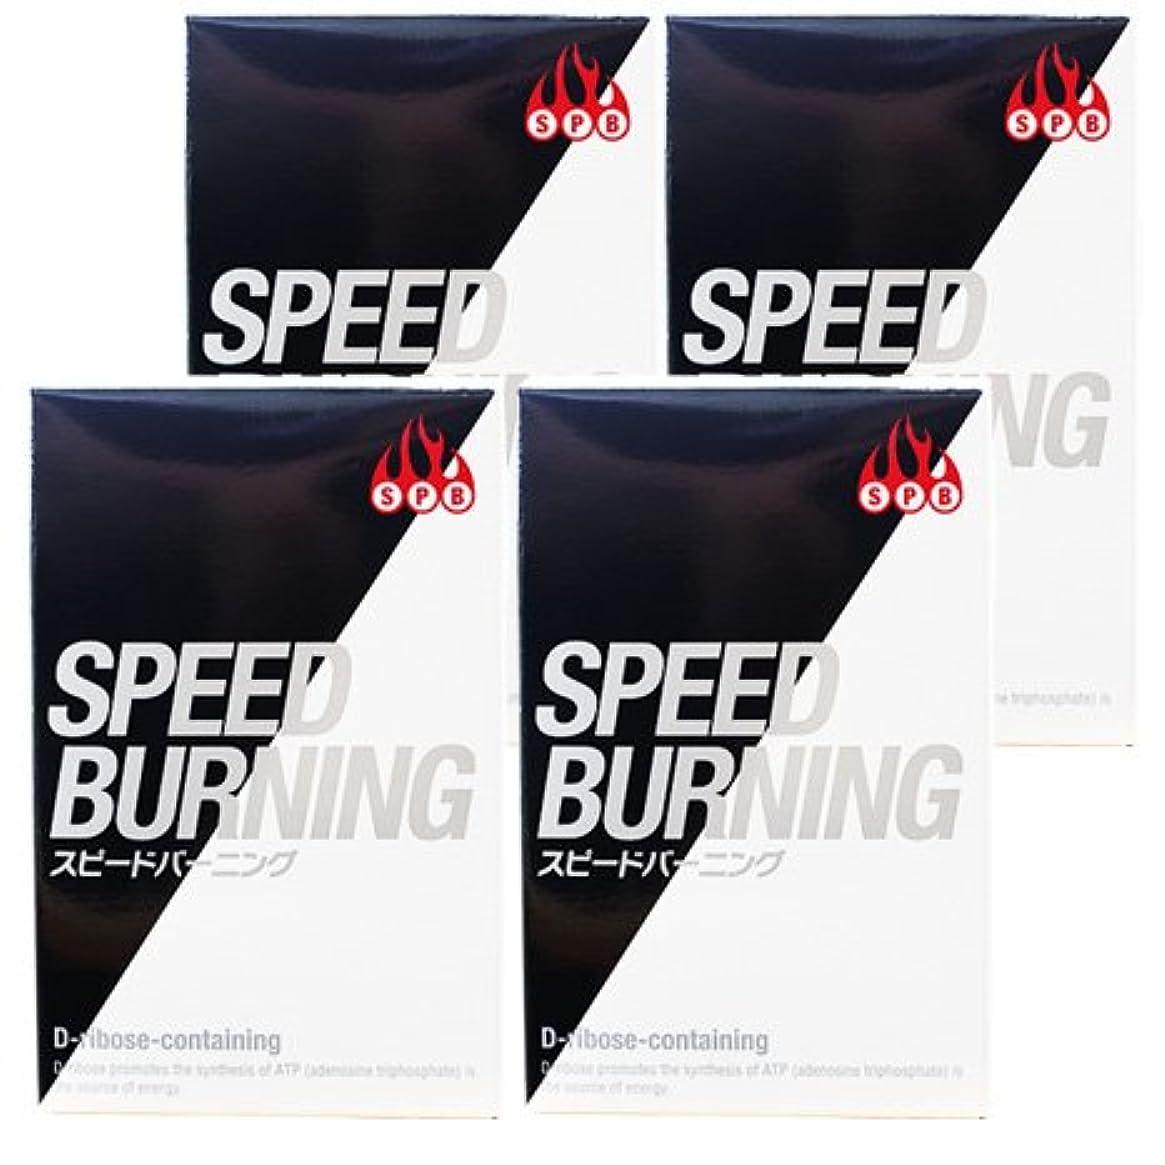 差交響曲青写真スピードバーニング SPEED BURNING×4個